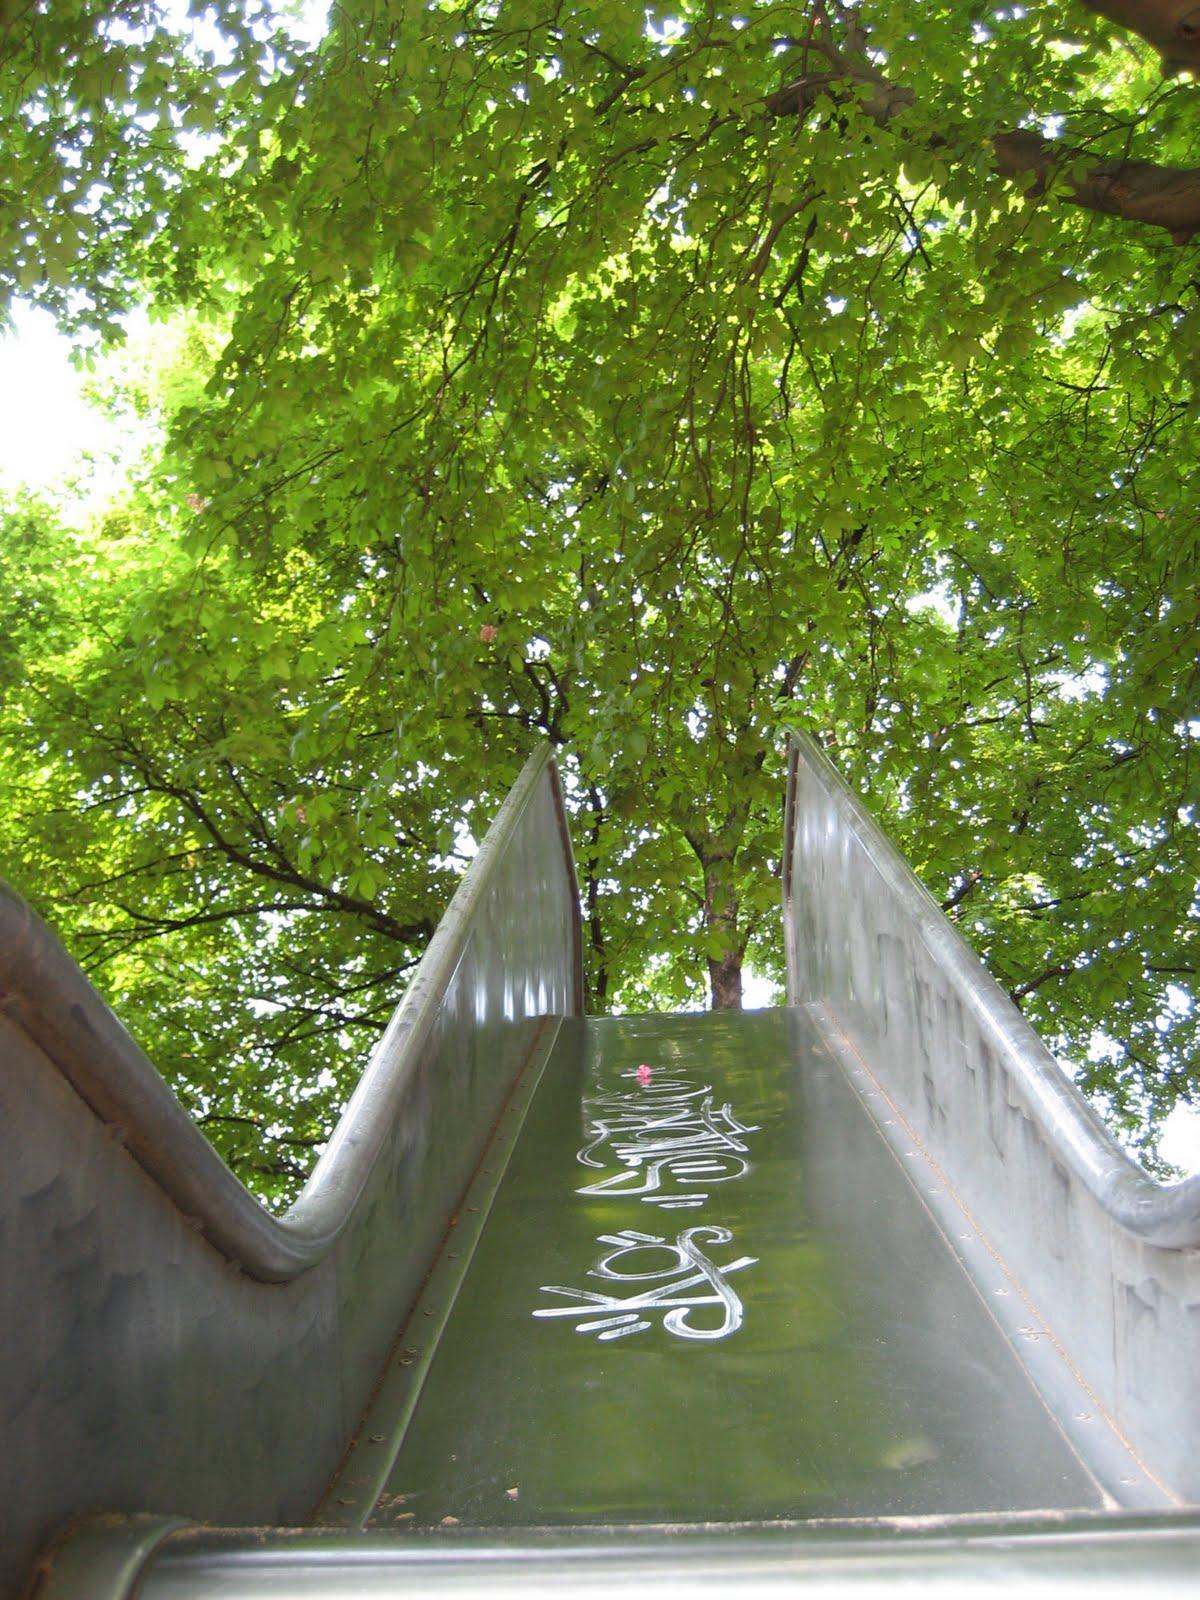 http://2.bp.blogspot.com/_EkaL1HN87dY/S54OFB8RbtI/AAAAAAAAAJA/0zQsMfOC_TA/s1600/graffiti+slidew.jpg